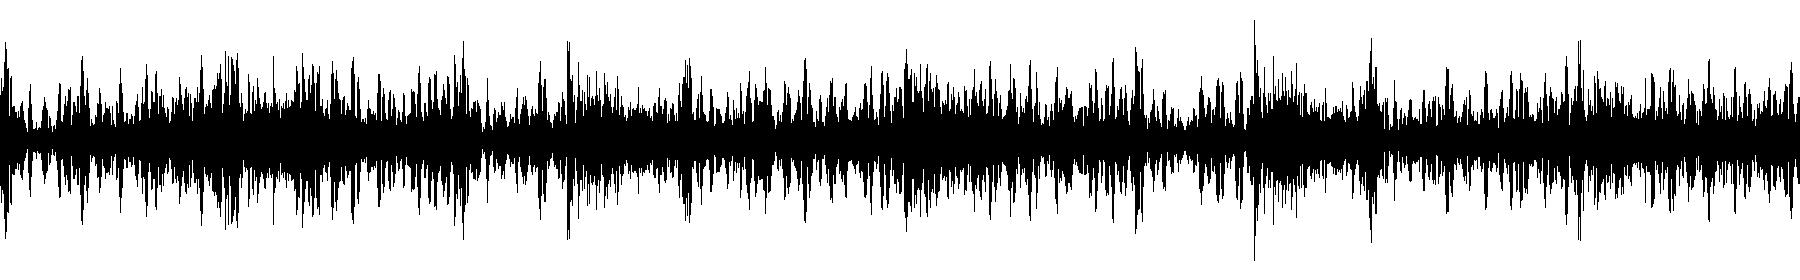 blbc jazzydrum analogmush 130 02